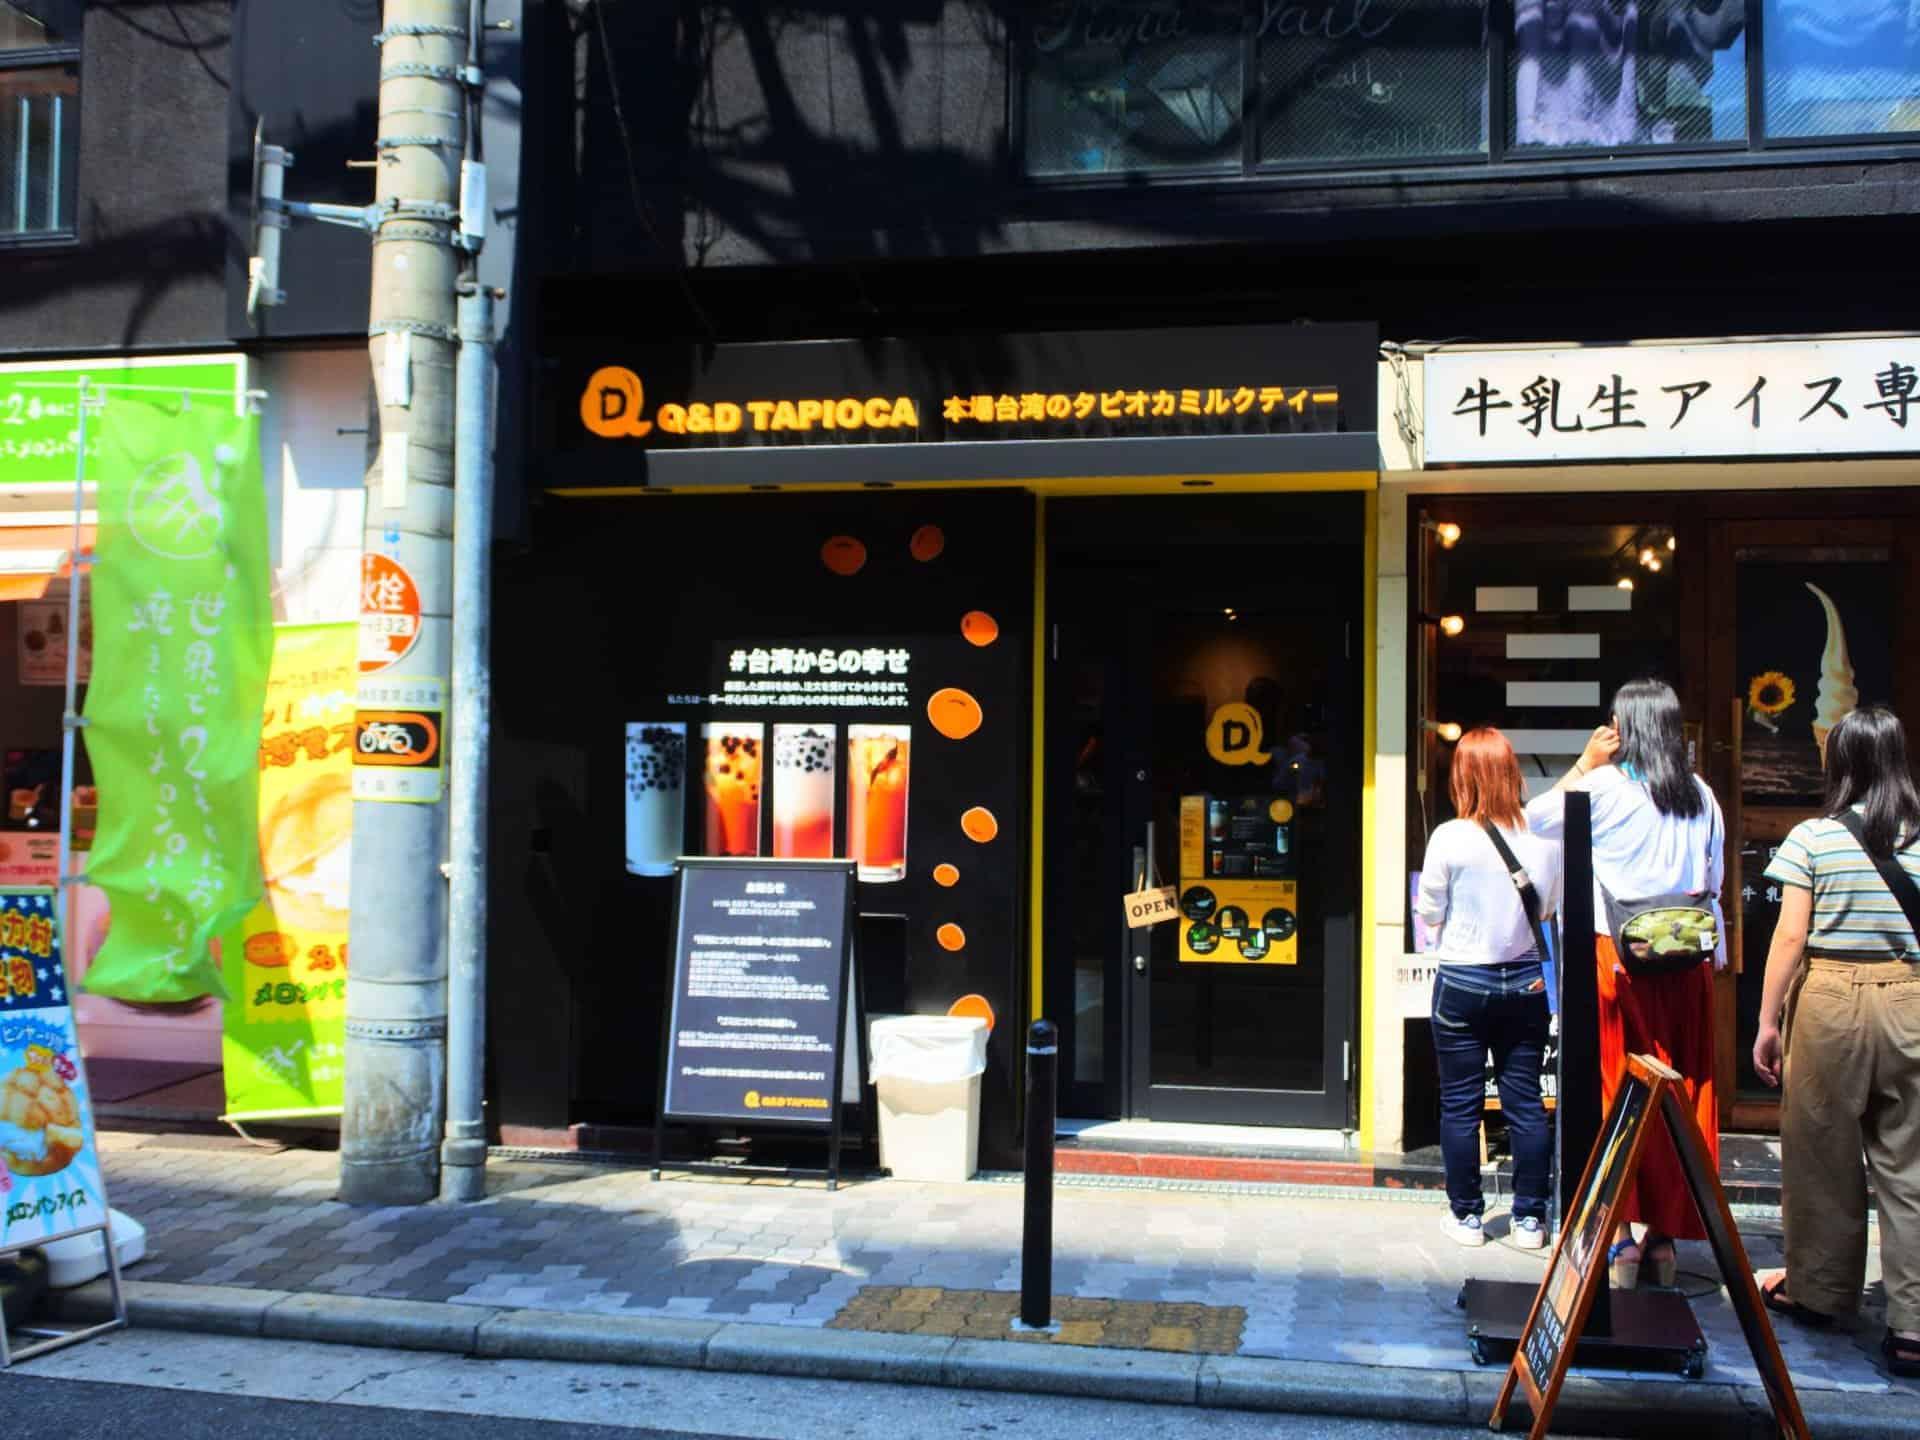 ร้านชานมไข่มุกที่โอซาก้า - Q&D Tapioca : キューアンドディー タピオカ